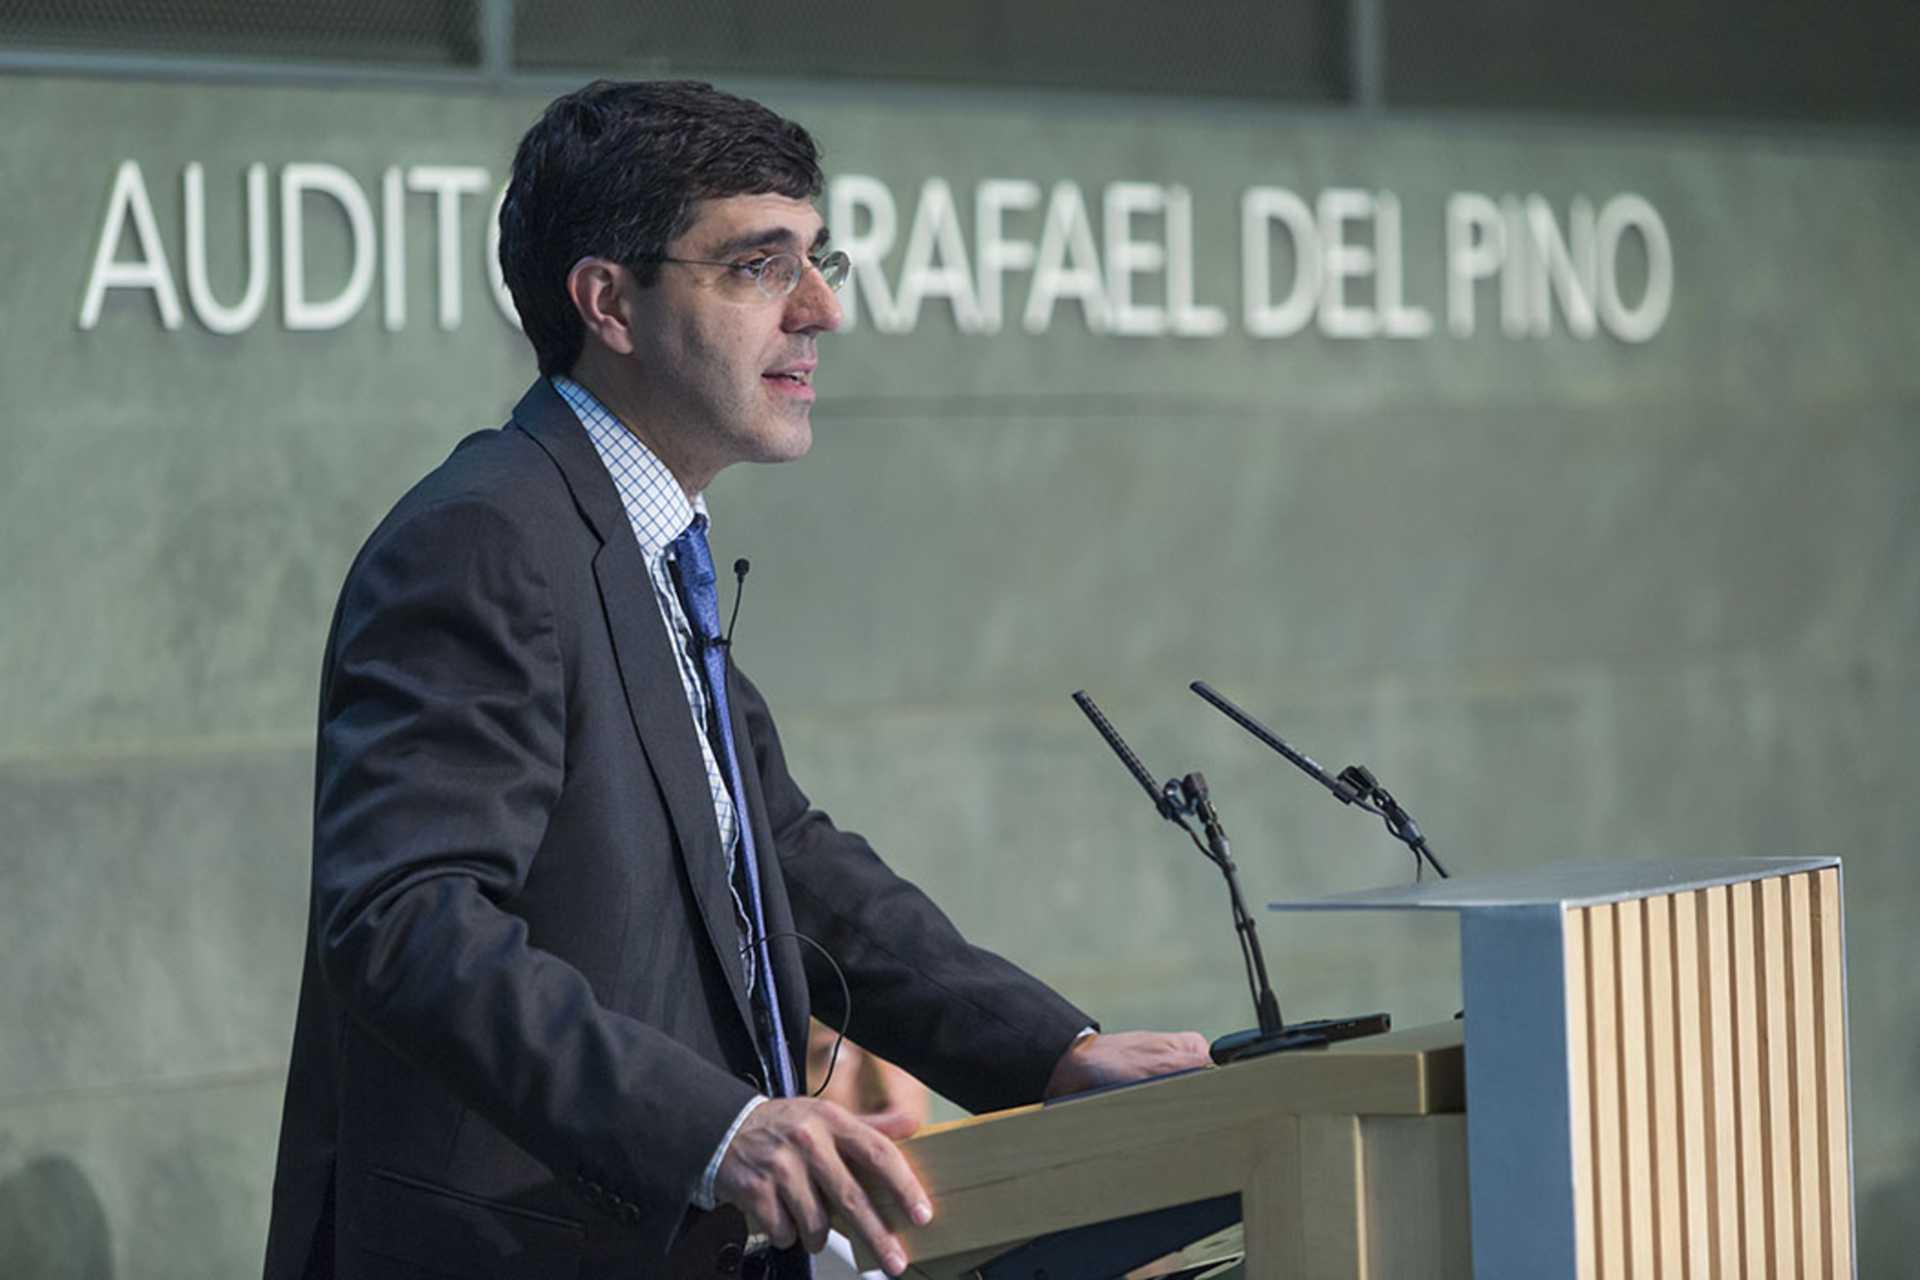 """La Fundación Rafael del Pino organiza  la Conferencia Magistral de Jesús Fernández Villaverde """"el cambio que España necesita: lecciones del barómetro de los círculos"""". En Madrid el 5 de junio de 2014. DSG"""